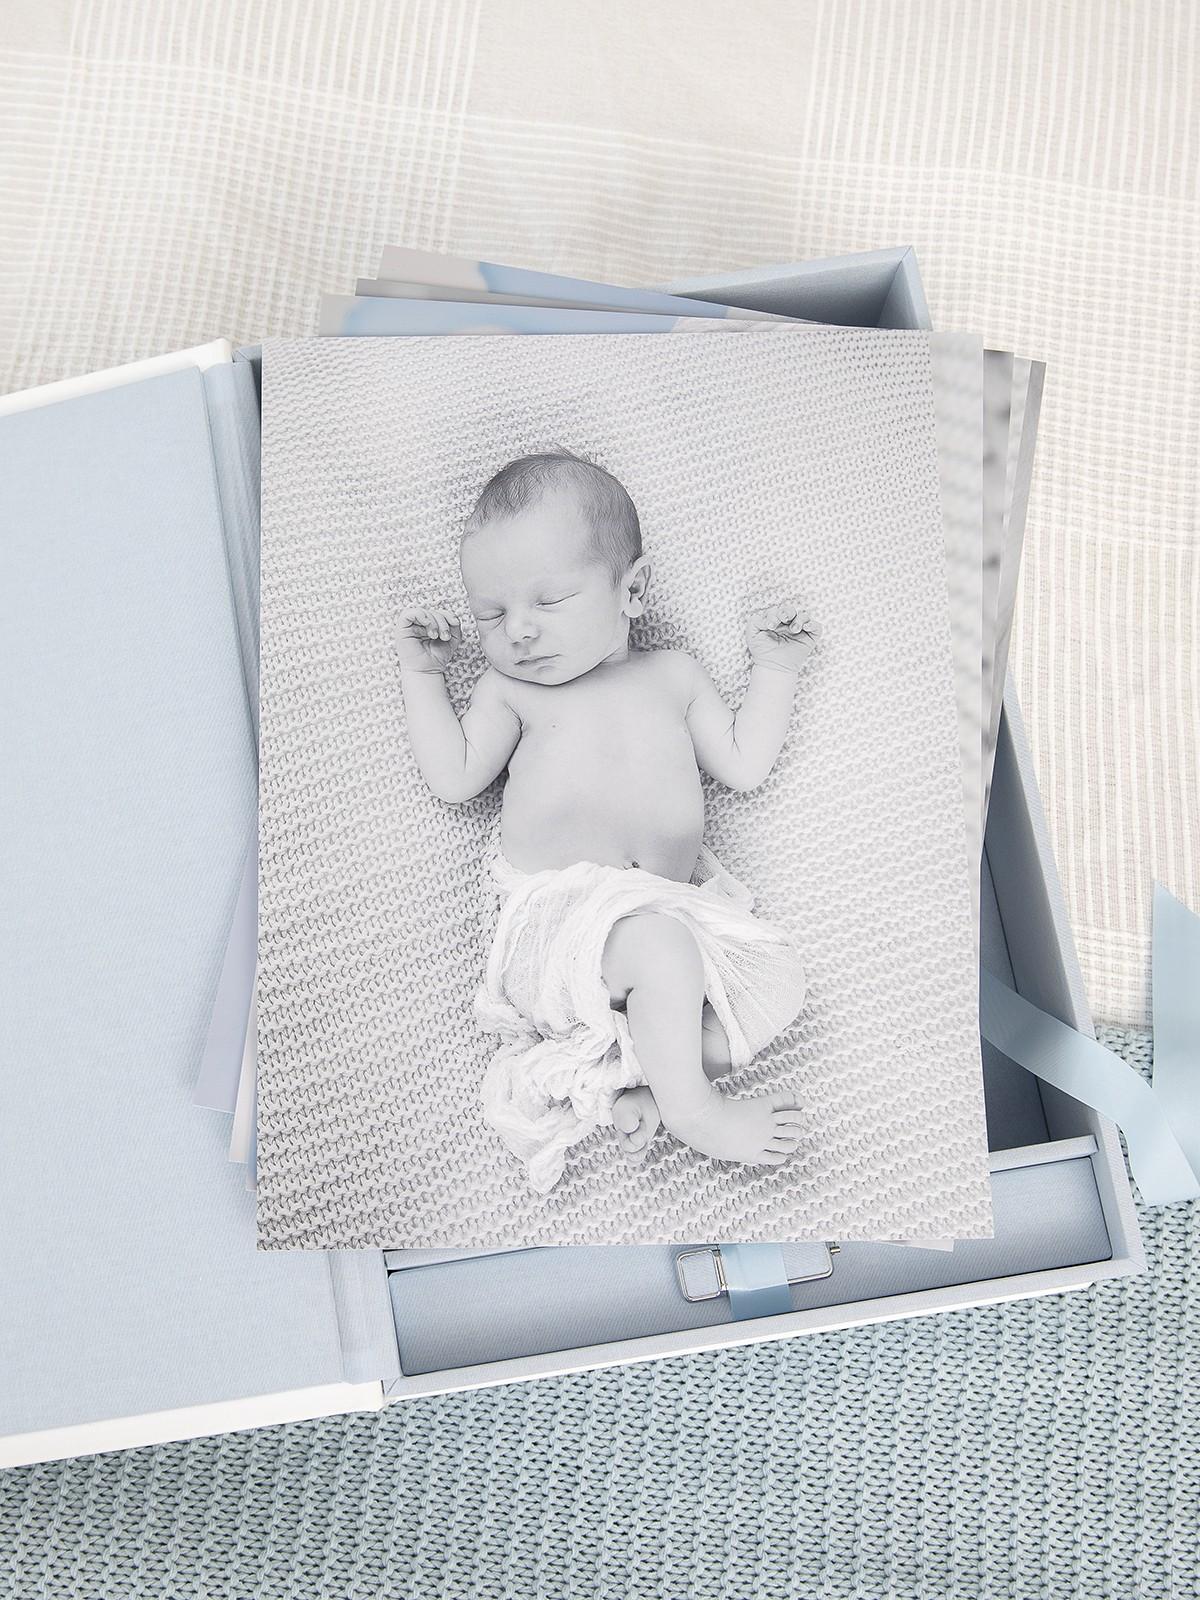 Pinkstudio by Angelina Devine FBProdukter-019 Elliots nyfødt portrætter Baby Nyheder Portræt Ugens fotografering